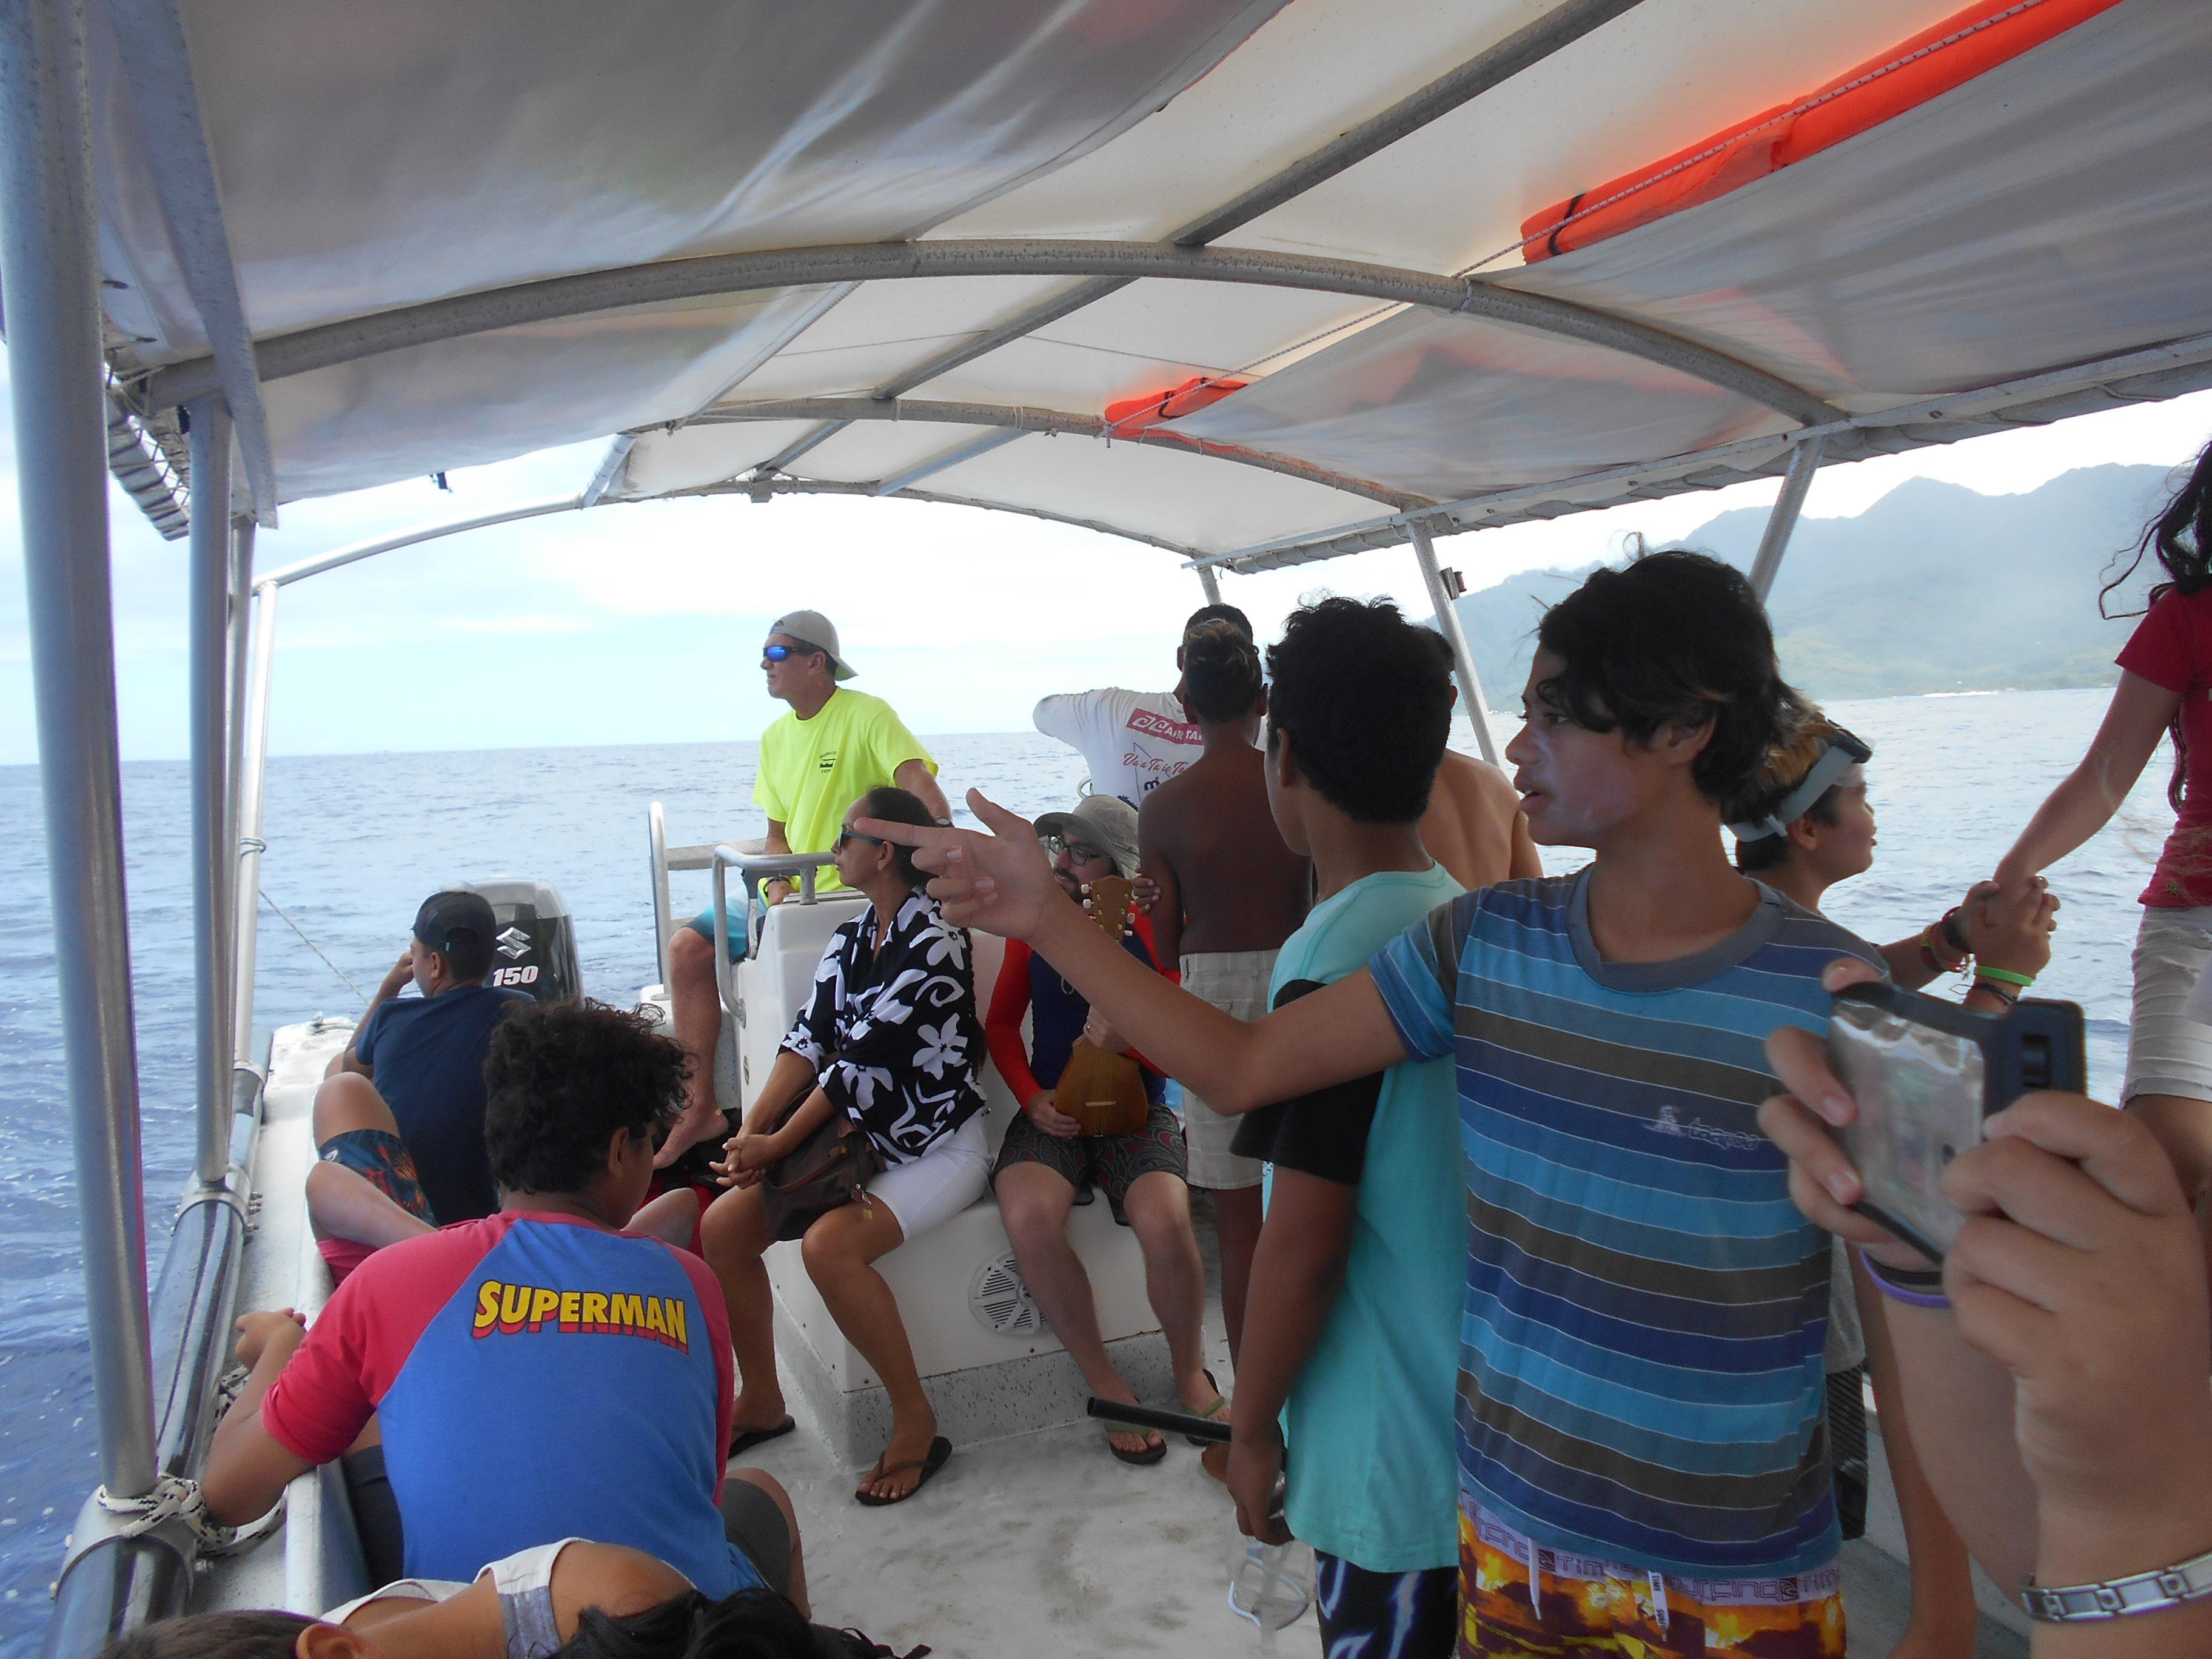 Après  les baleines, les élèves du collège de Afareaitu effectueront prochainement une visite à la clinique des tortues marines  à Haapiti.